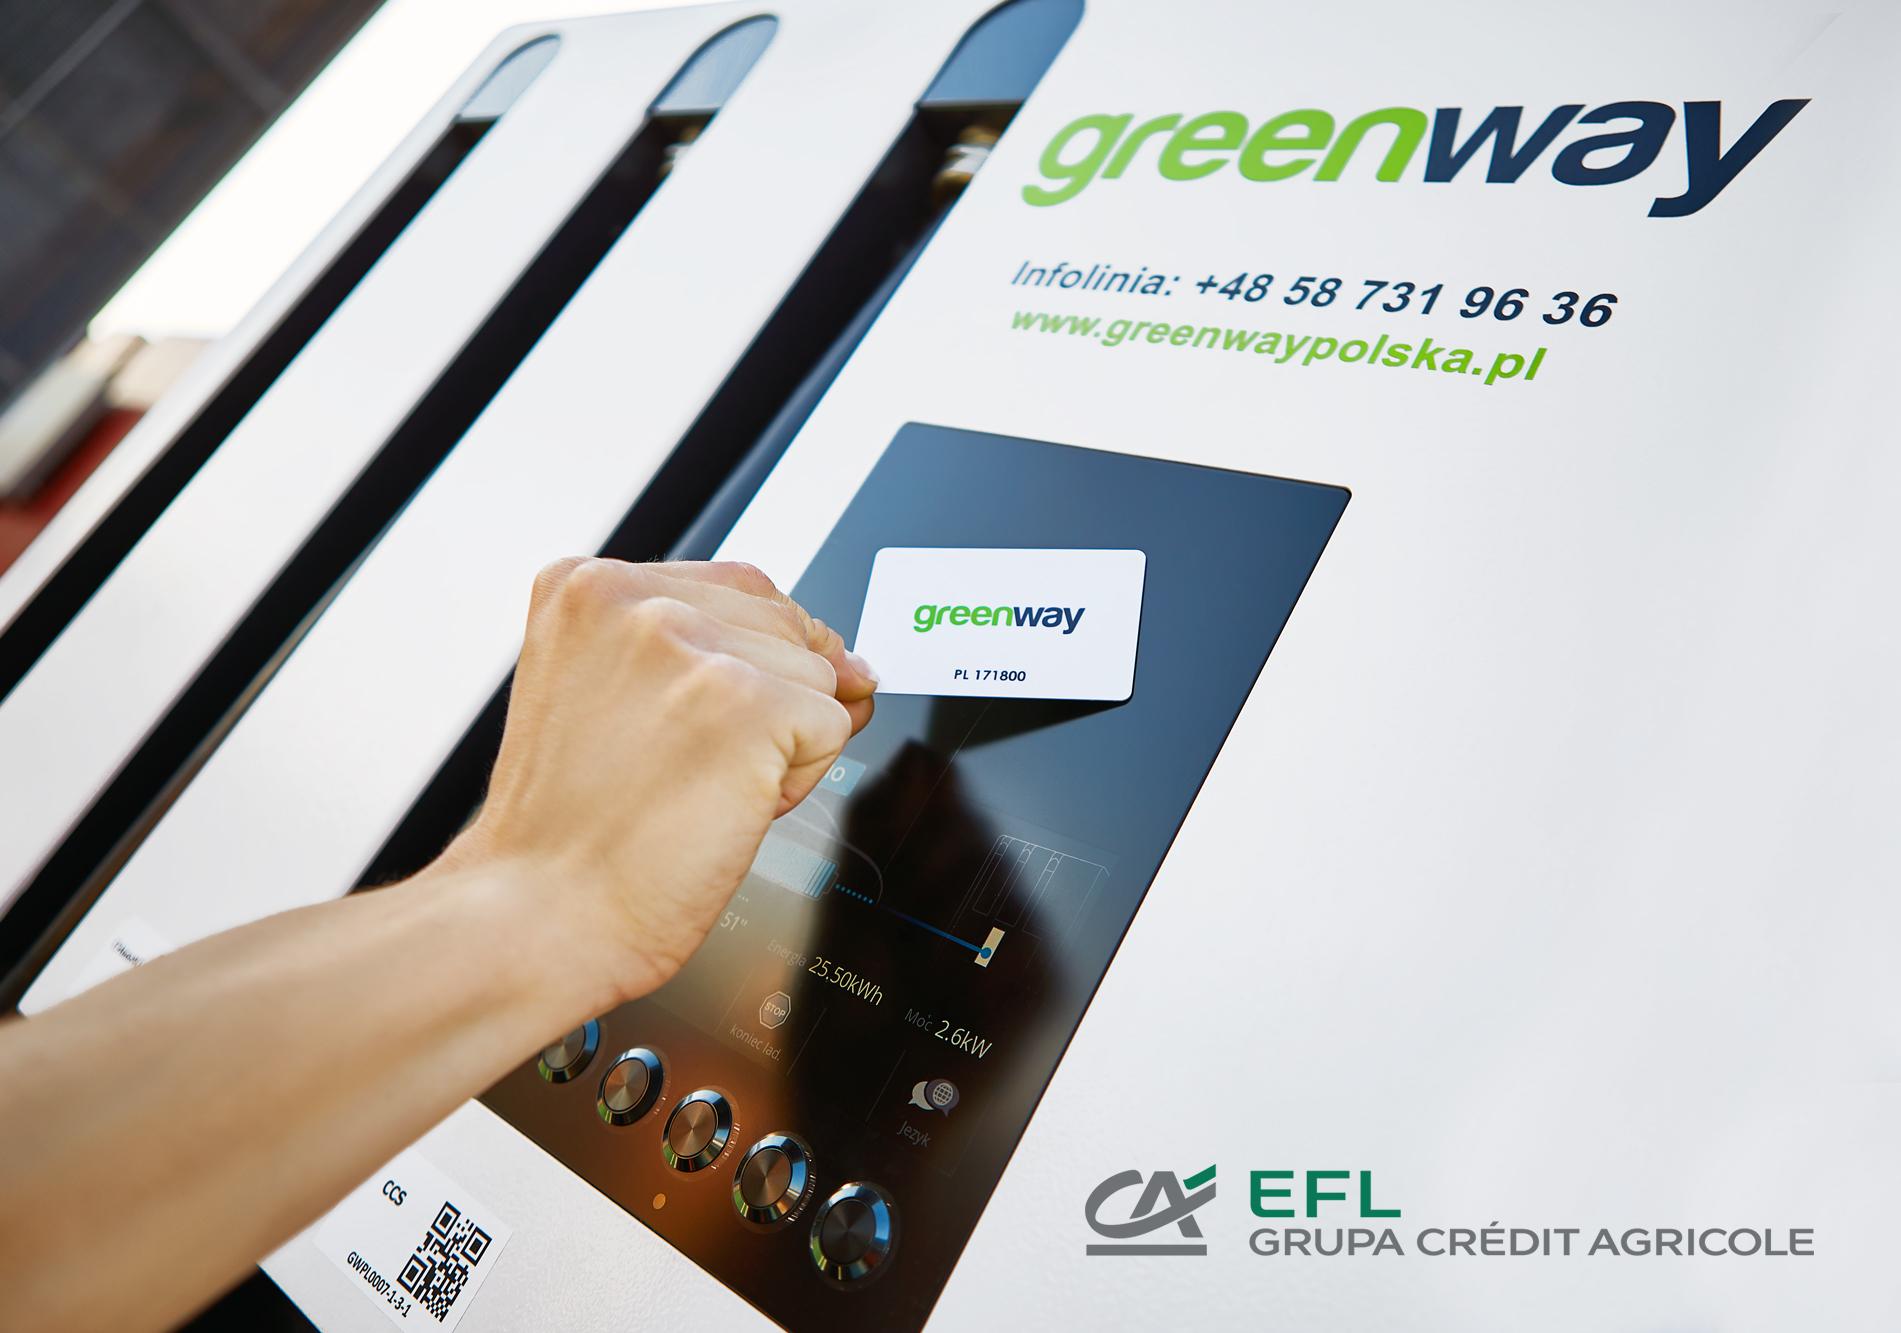 Ładowarki GreenWay Polska - dostępne w leasingu dla przedsiębiorców